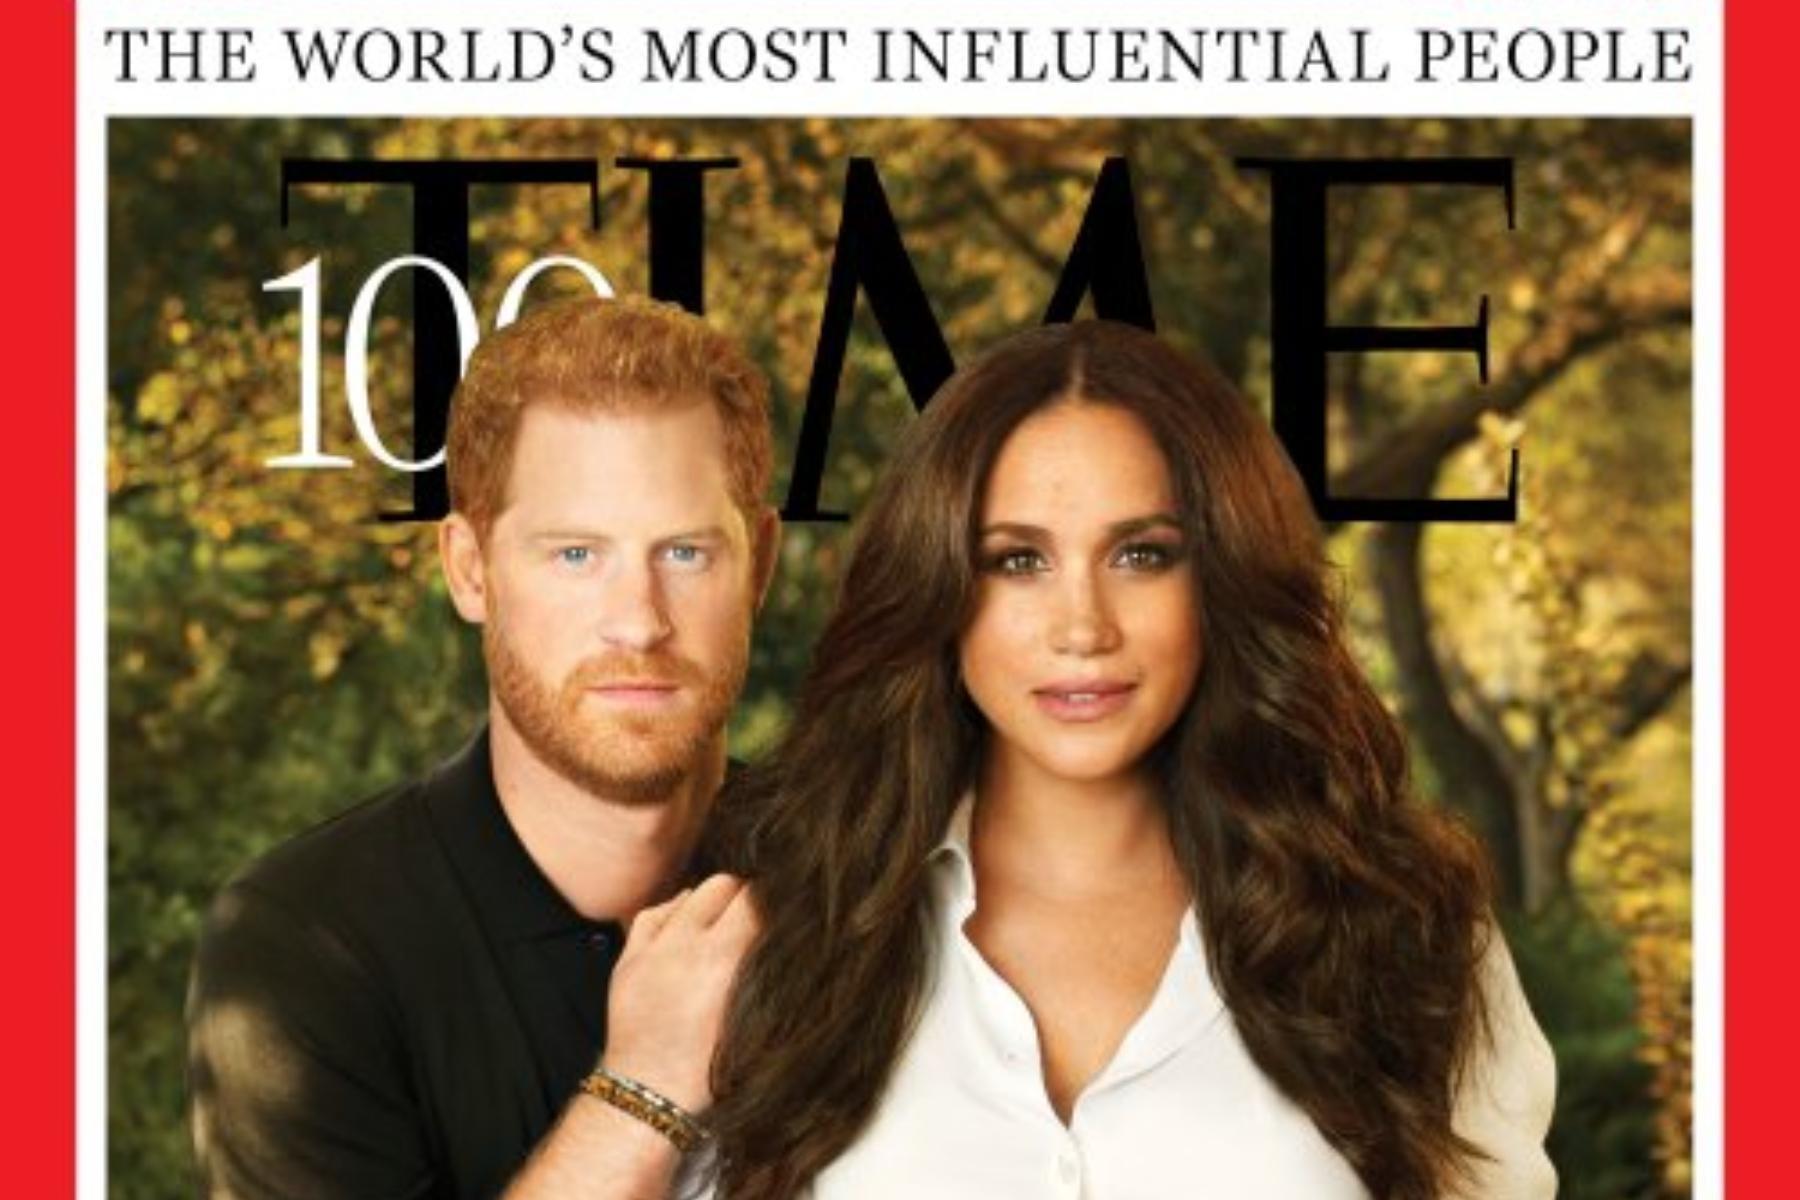 Prinţul Harry şi Meghan Markle, pe lista celor mai influenţi 100 de oameni. Şedinţa foto a stârnit un val de comentarii